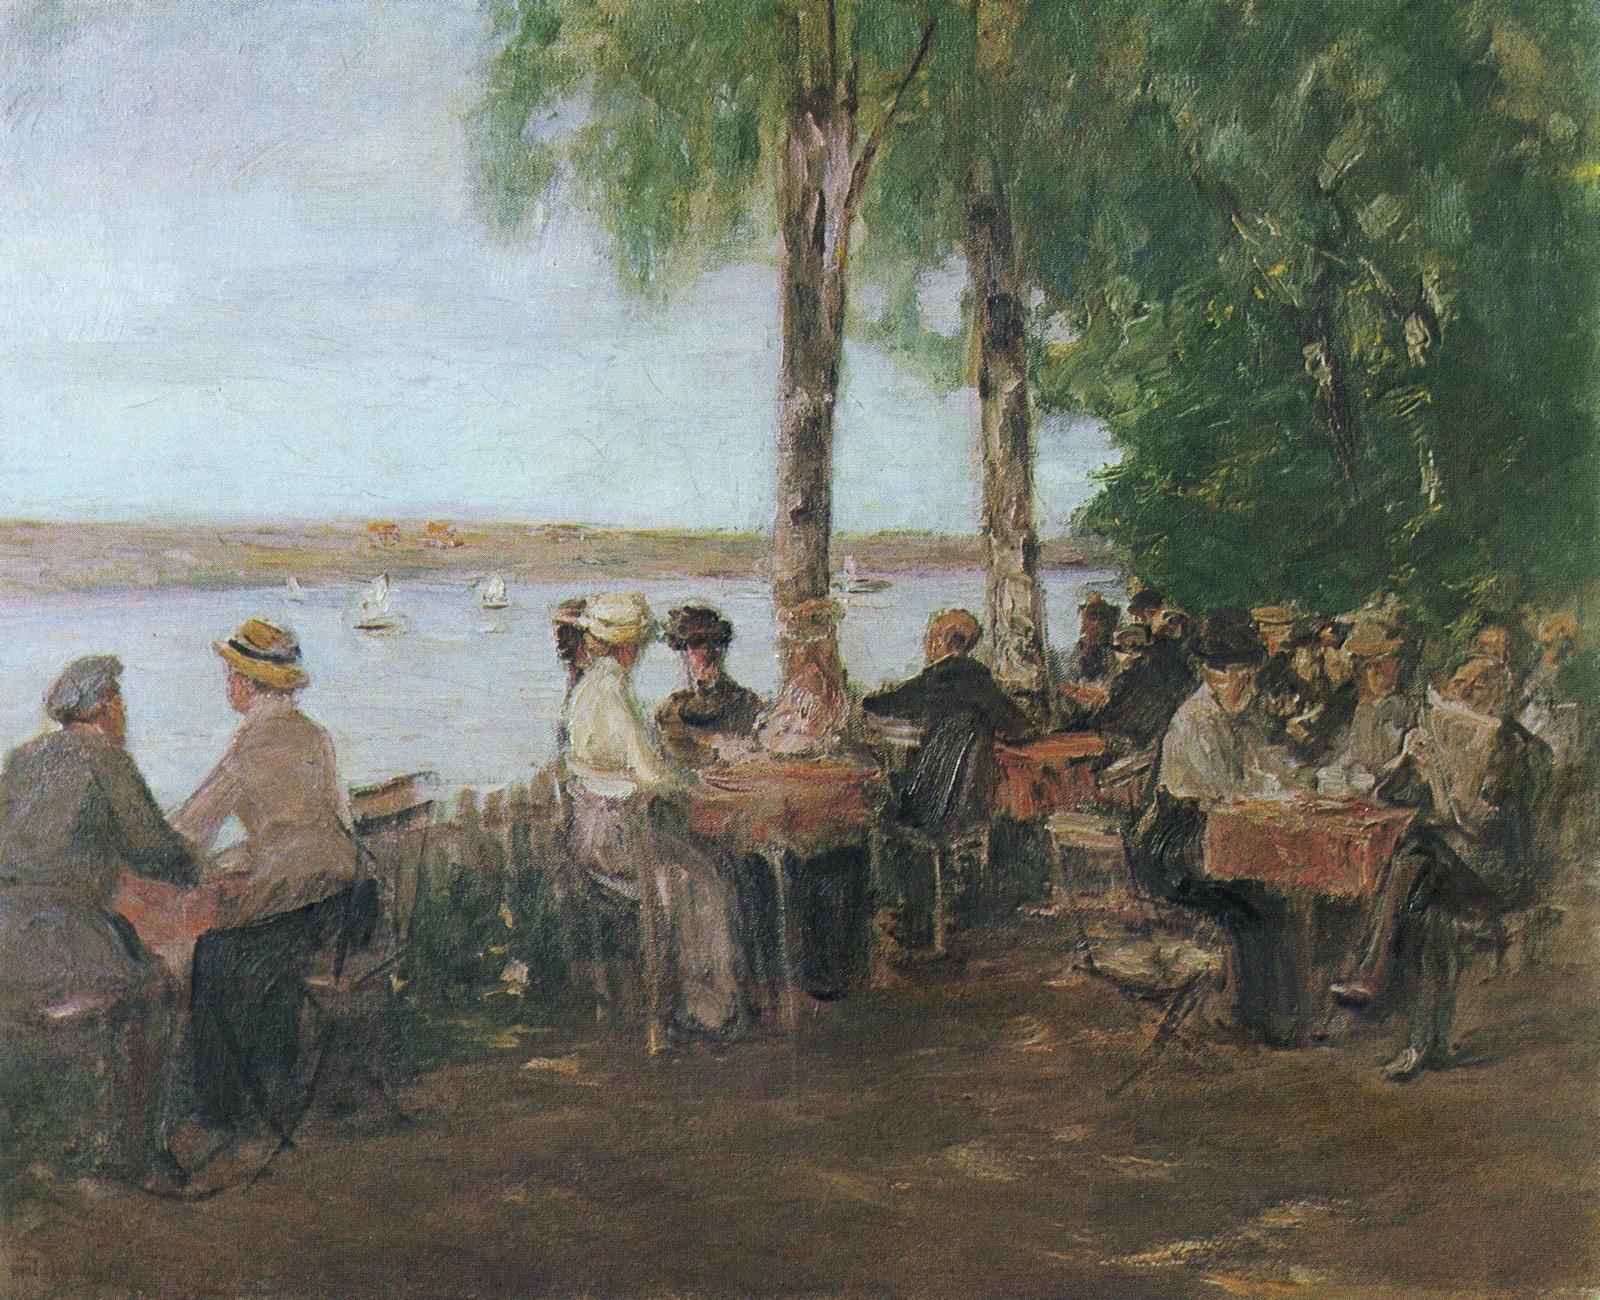 Restaurante en el jardín junto al agua (1915), de Max Liebermann